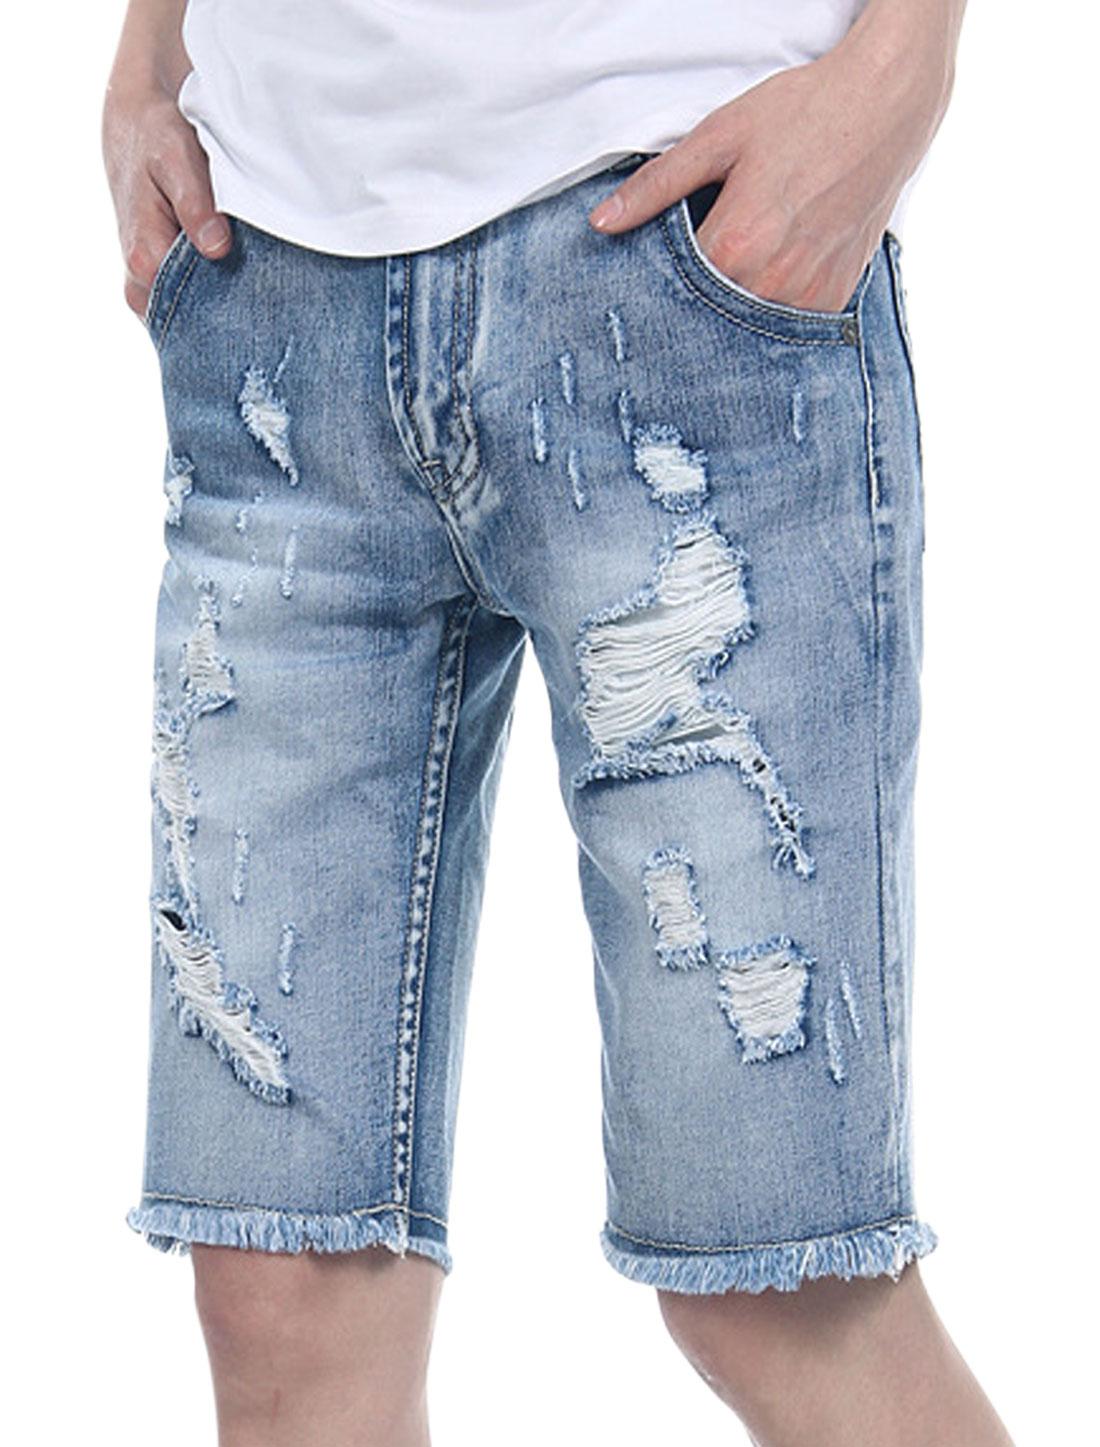 Man Tassel Hem Front Hip Pocket Zip Fly Distressed Washed Denim Shorts Pale Blue W34